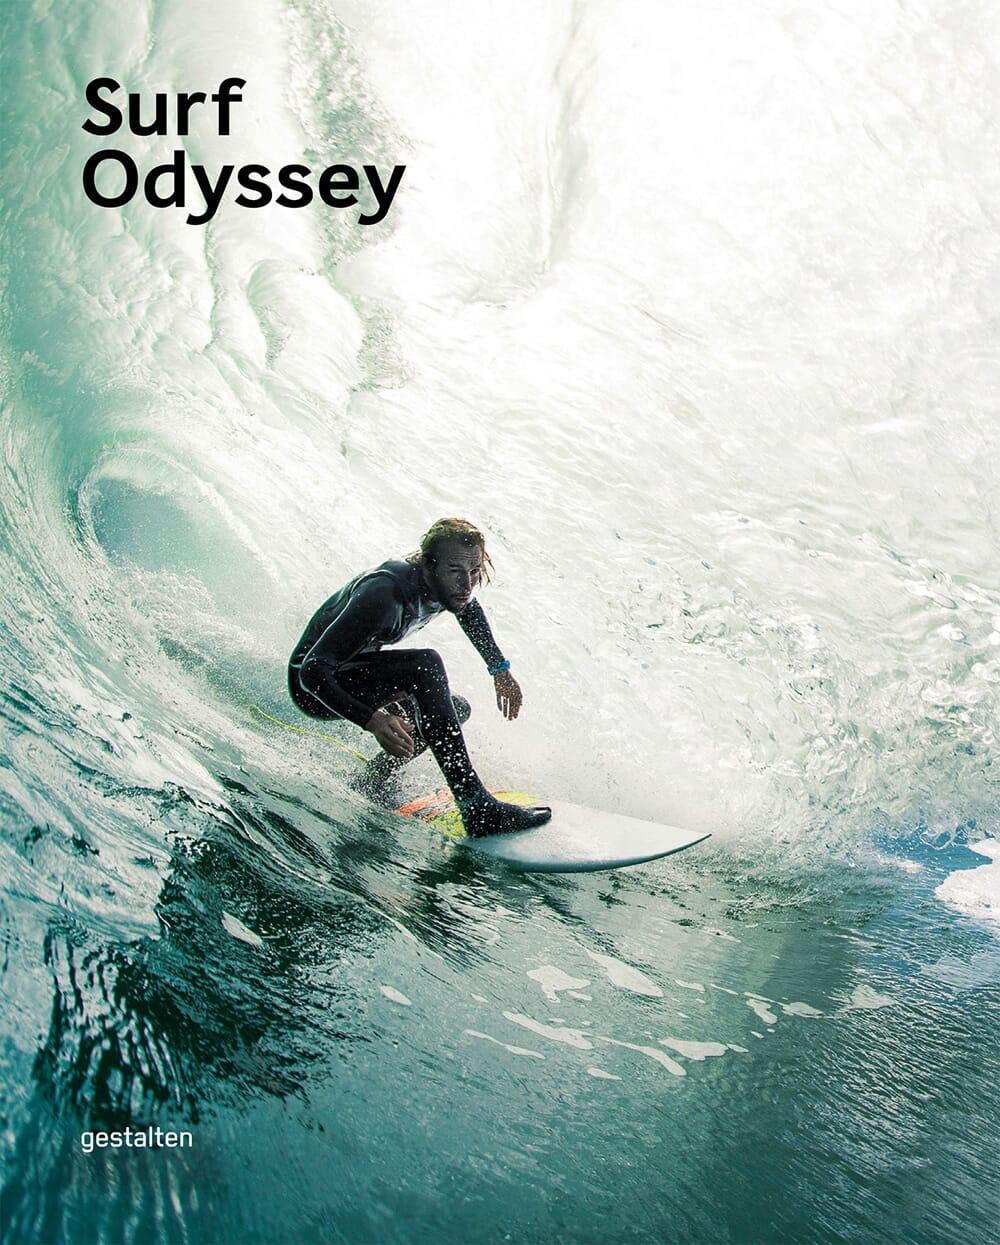 surf_odyssey_gestalten_photo_05